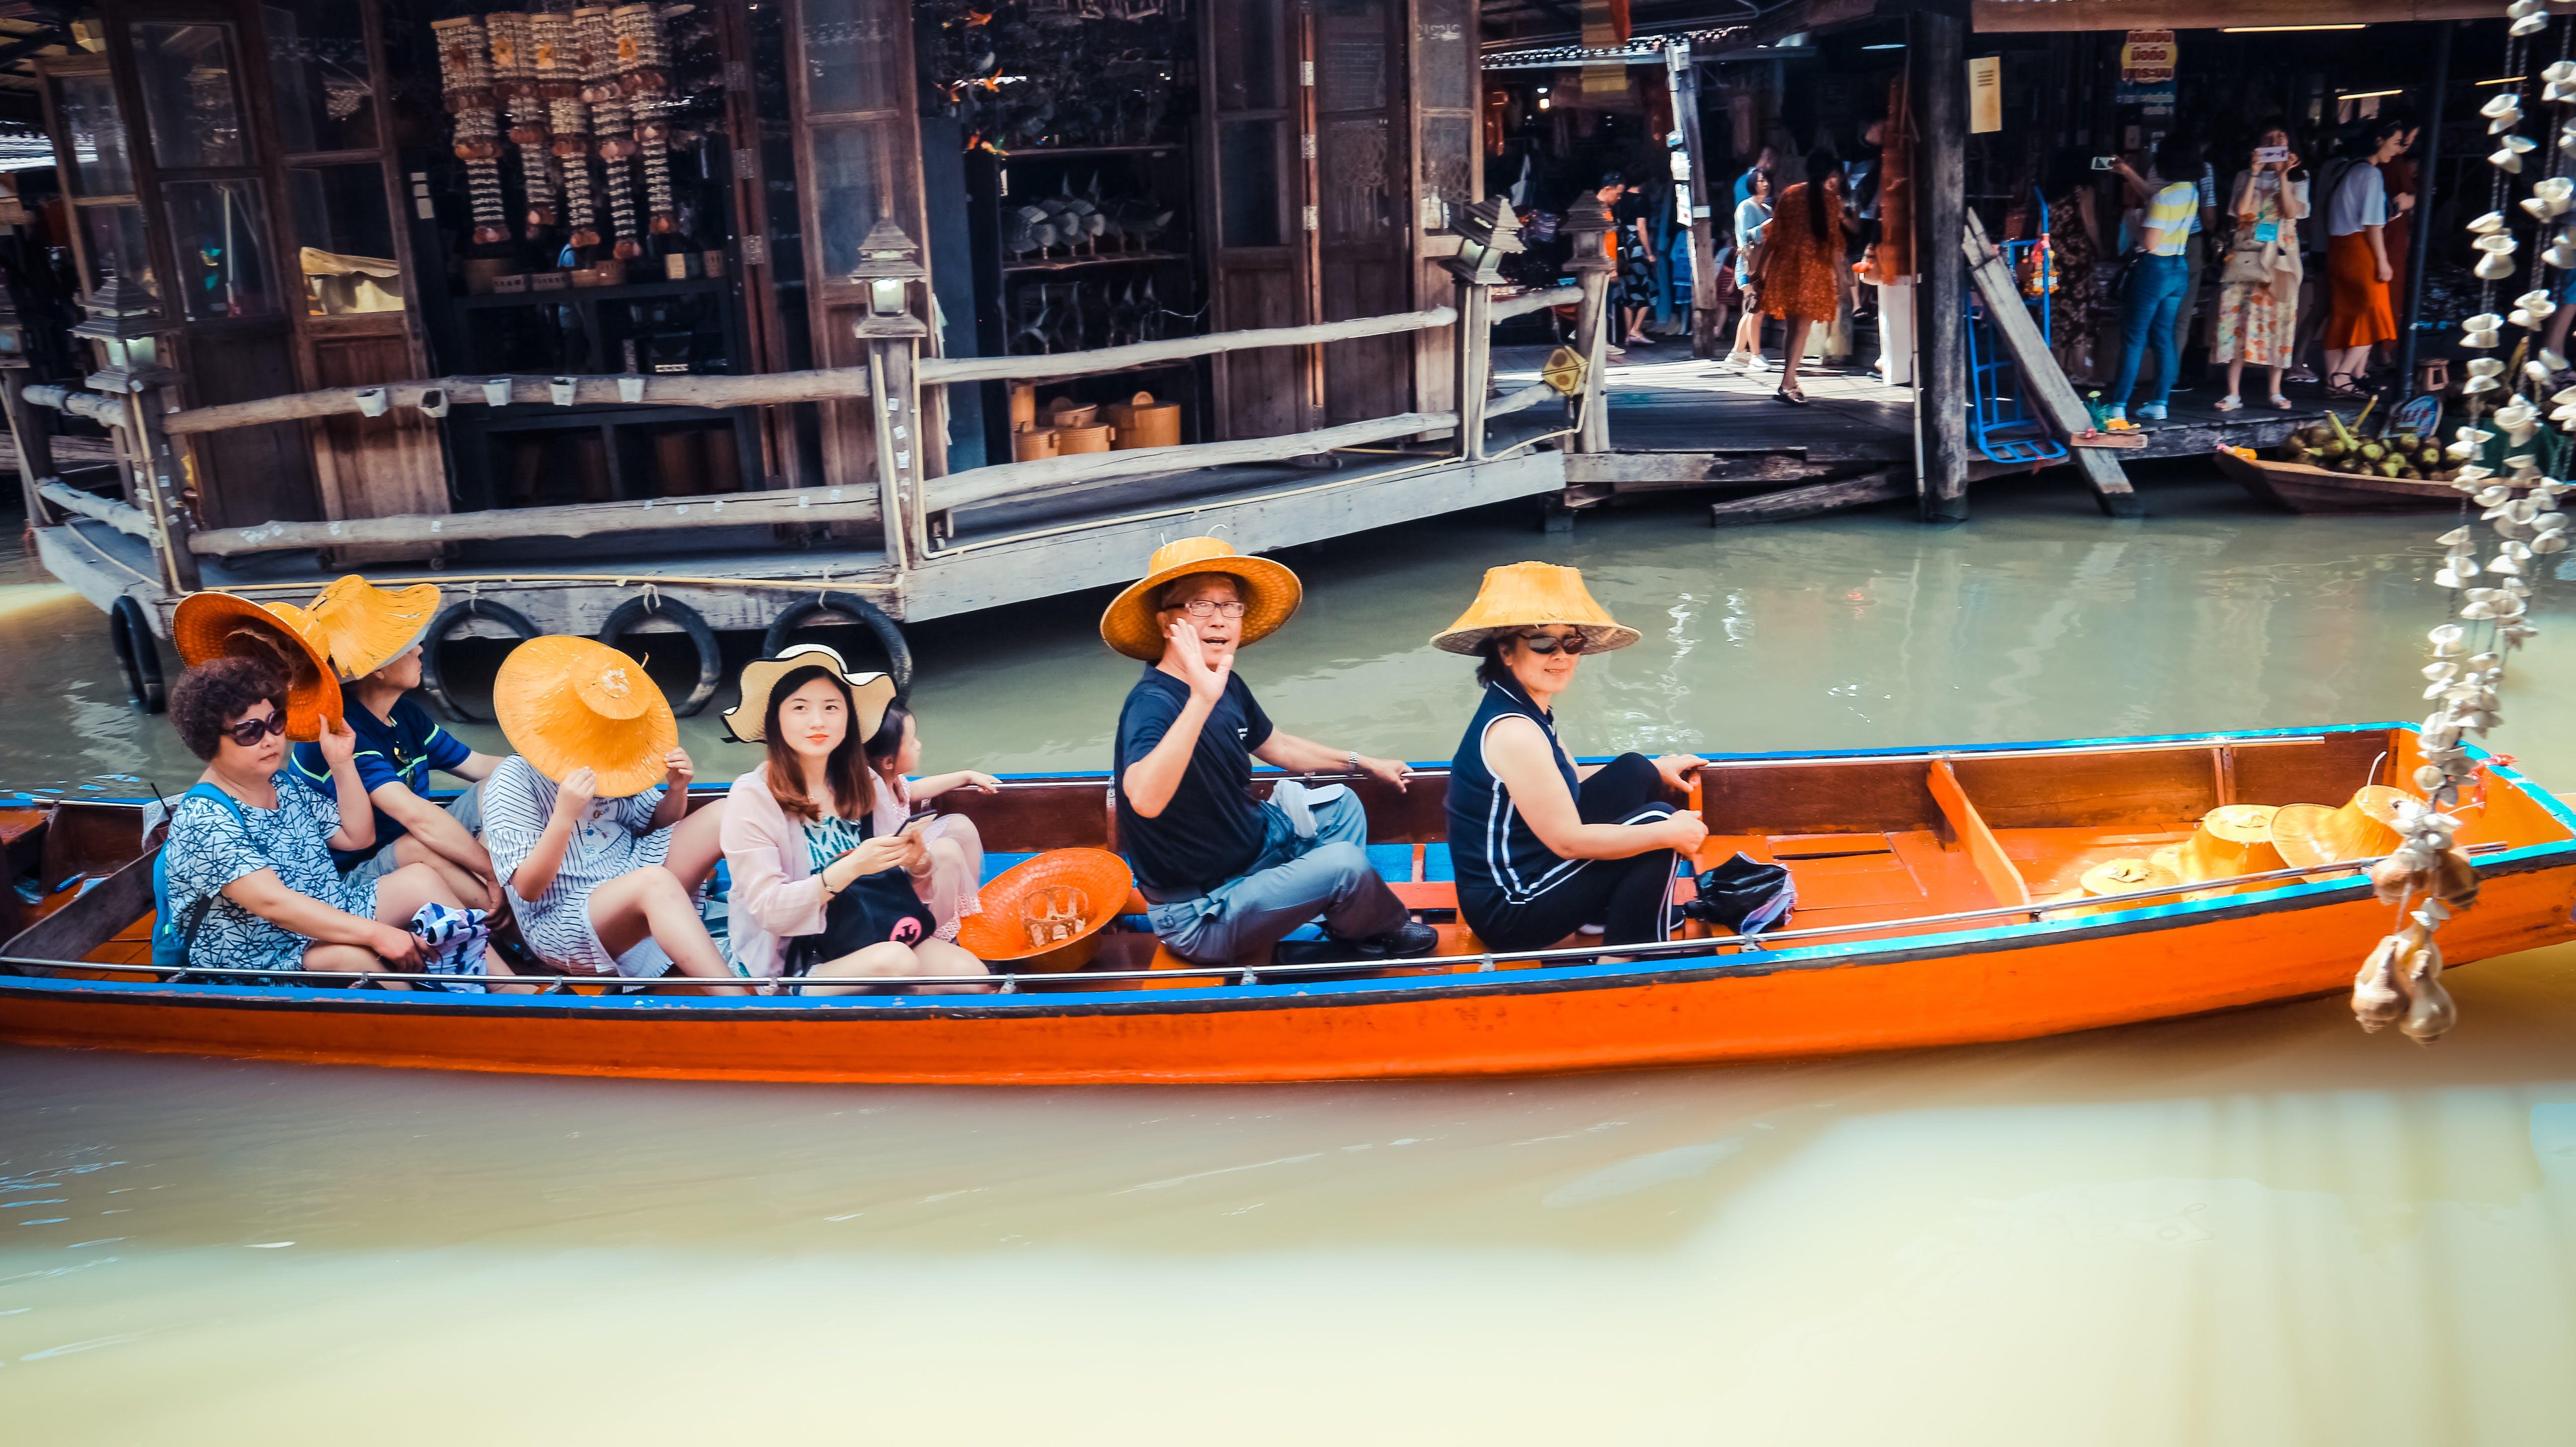 Kostnadsfri bild av båt, bondemarknad, butiker, dagsljus